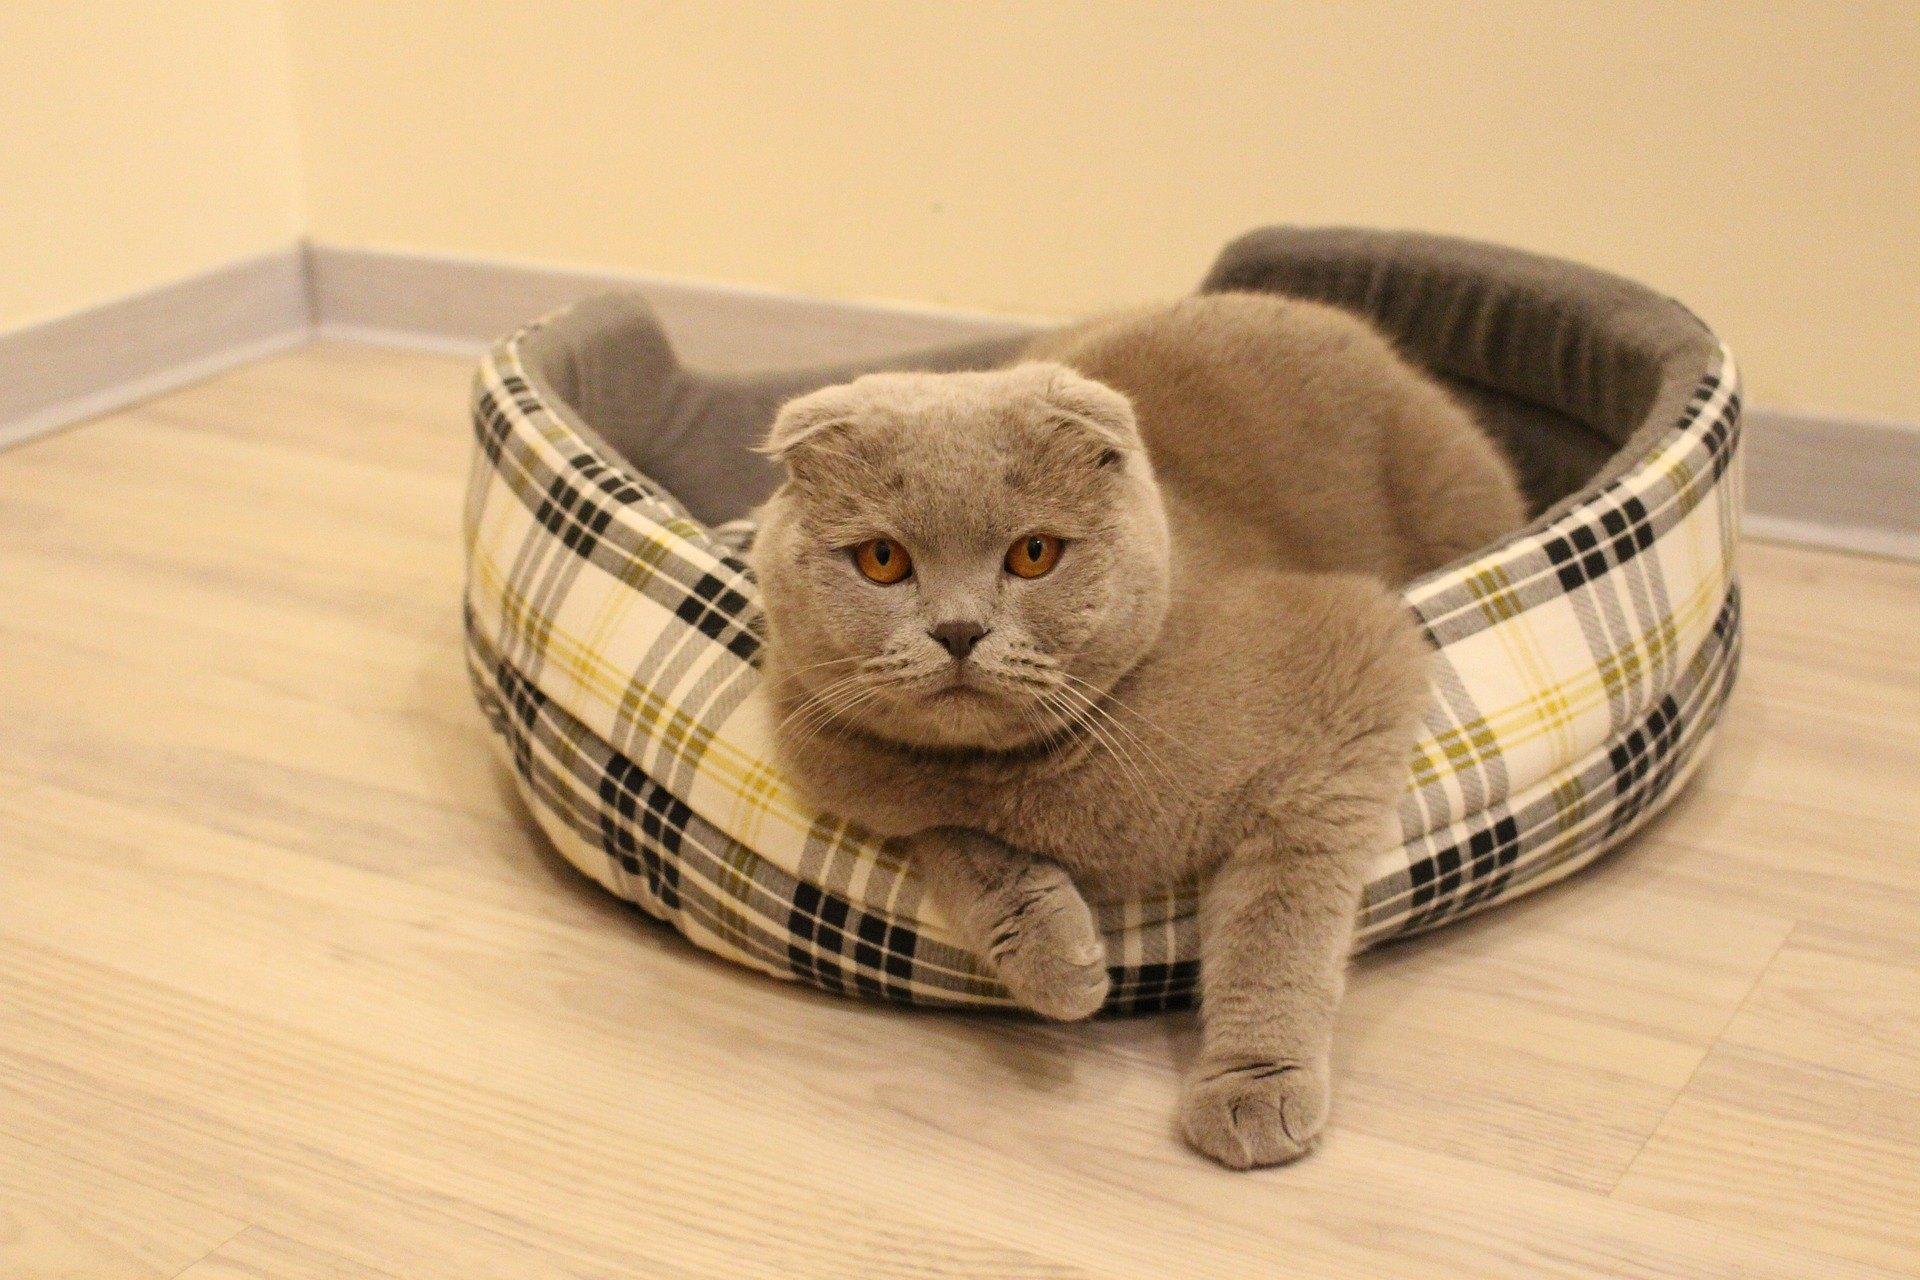 Zlyhanie obličiek u mačky vedie k silnej intoxikácii tela. Musíte rýchlo reagovať na príznaky choroby.